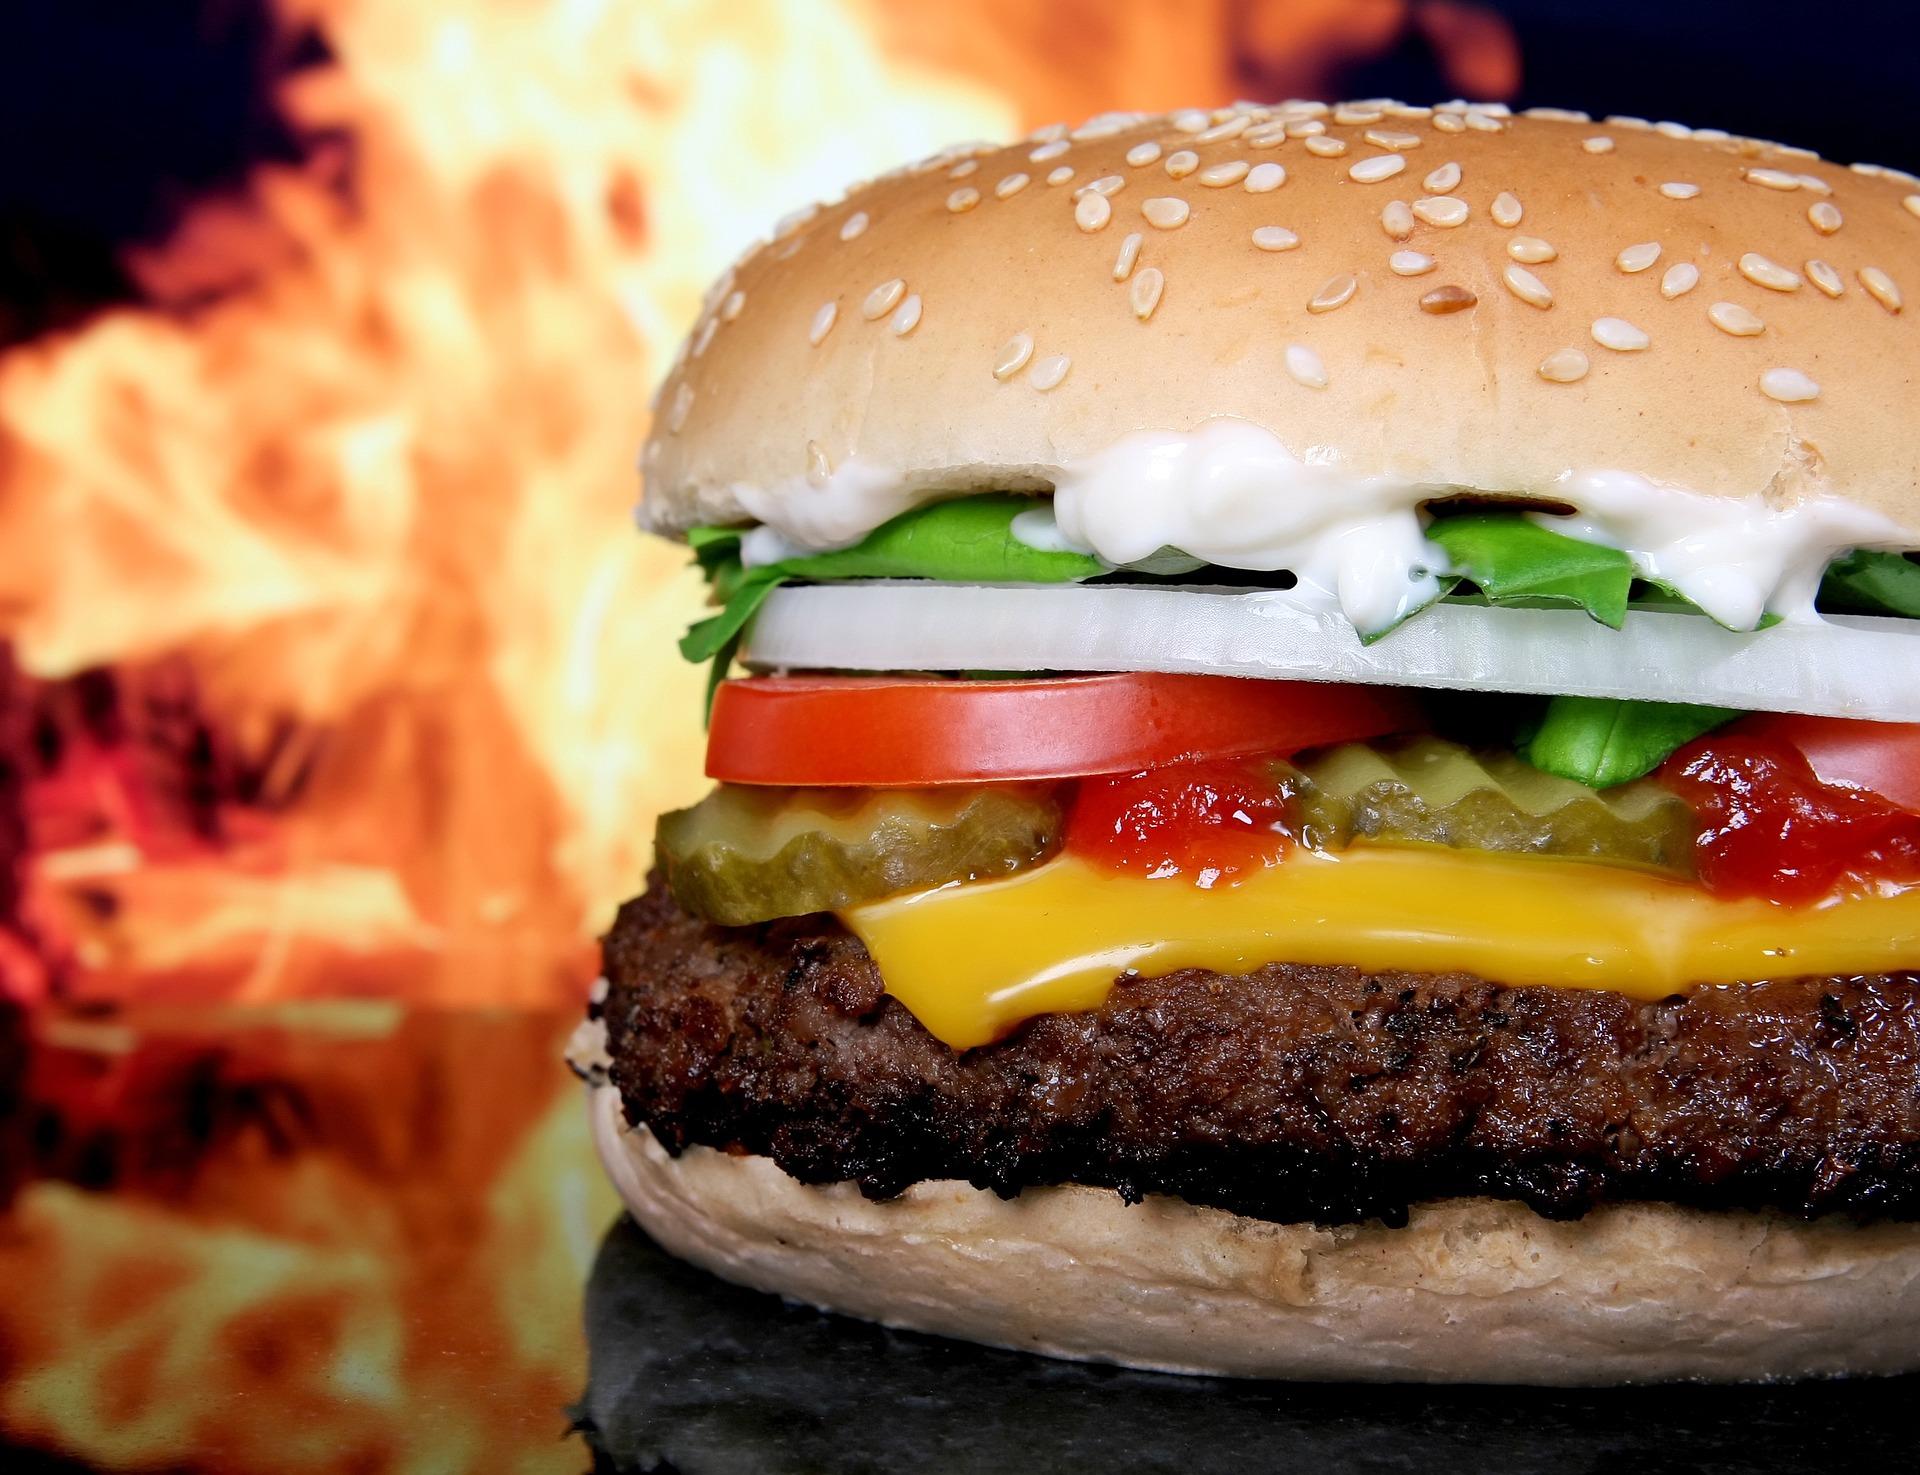 Burger King új altcoinja a Whoppercoin